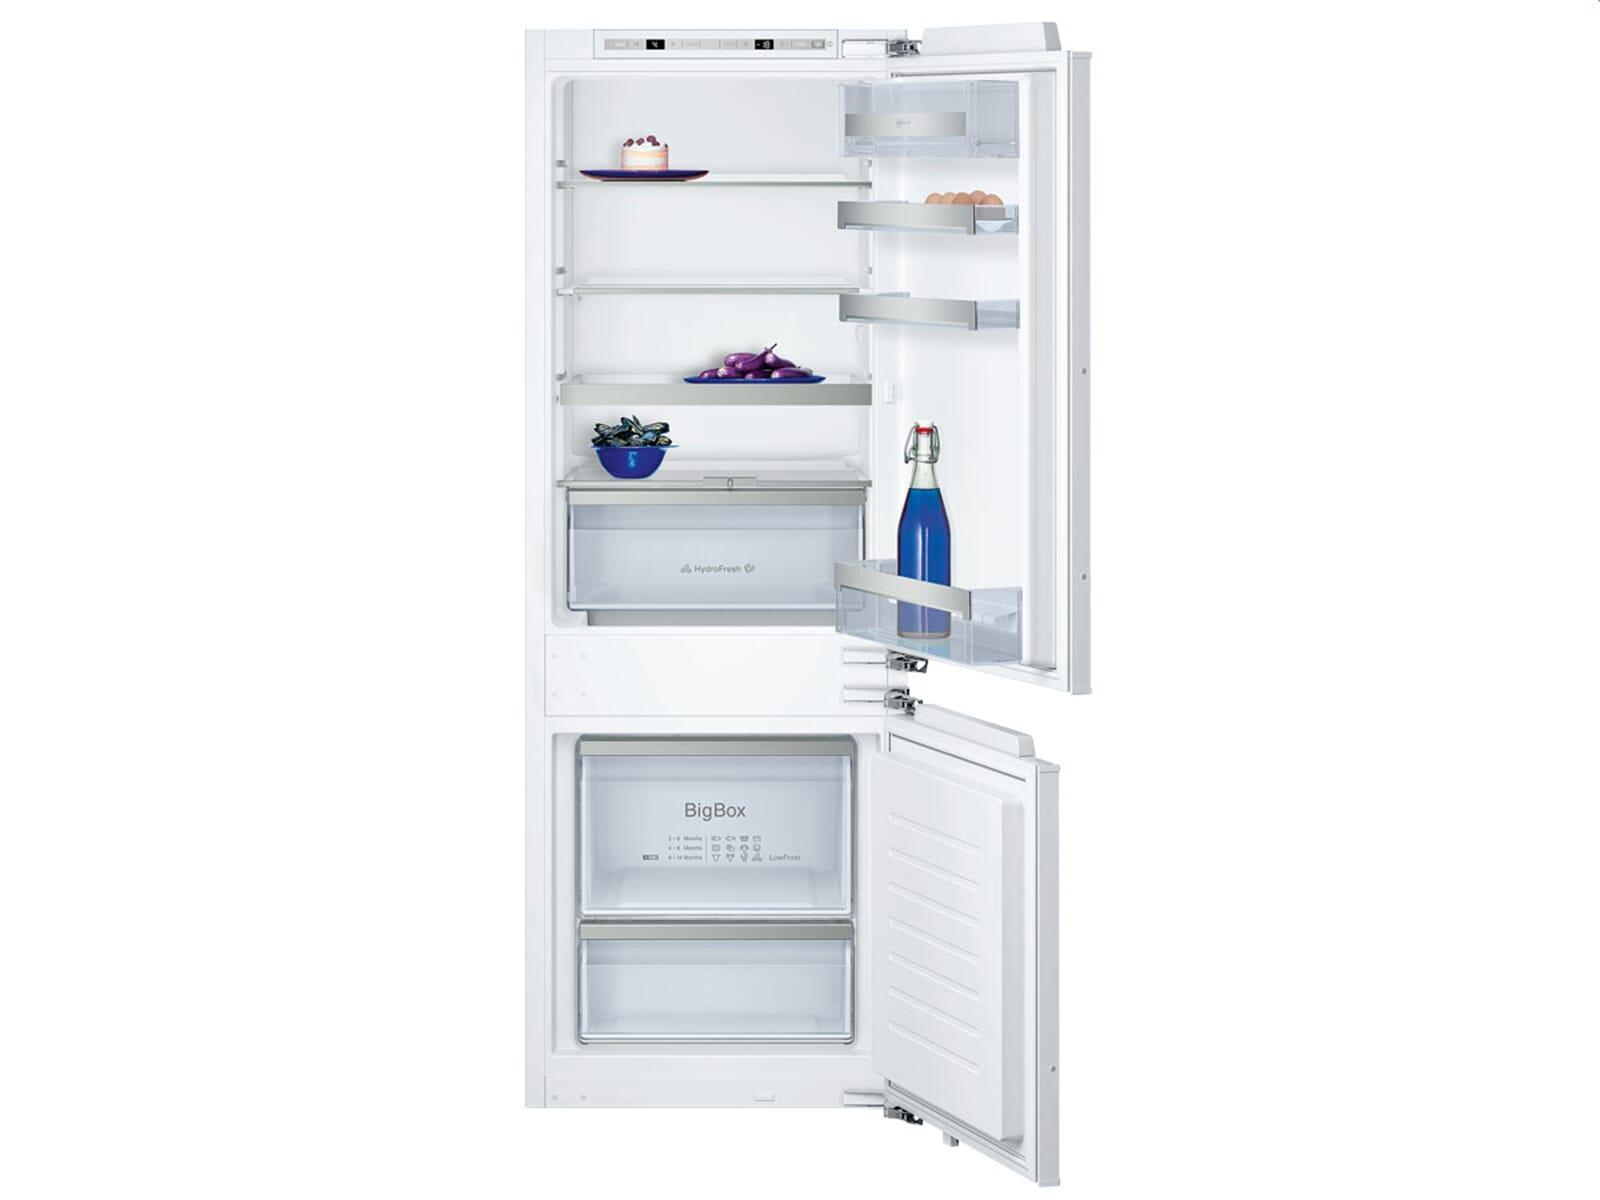 Aeg Kühlschrank 158 Cm : Neff kg 635 a2 einbau kühl gefrierkombination